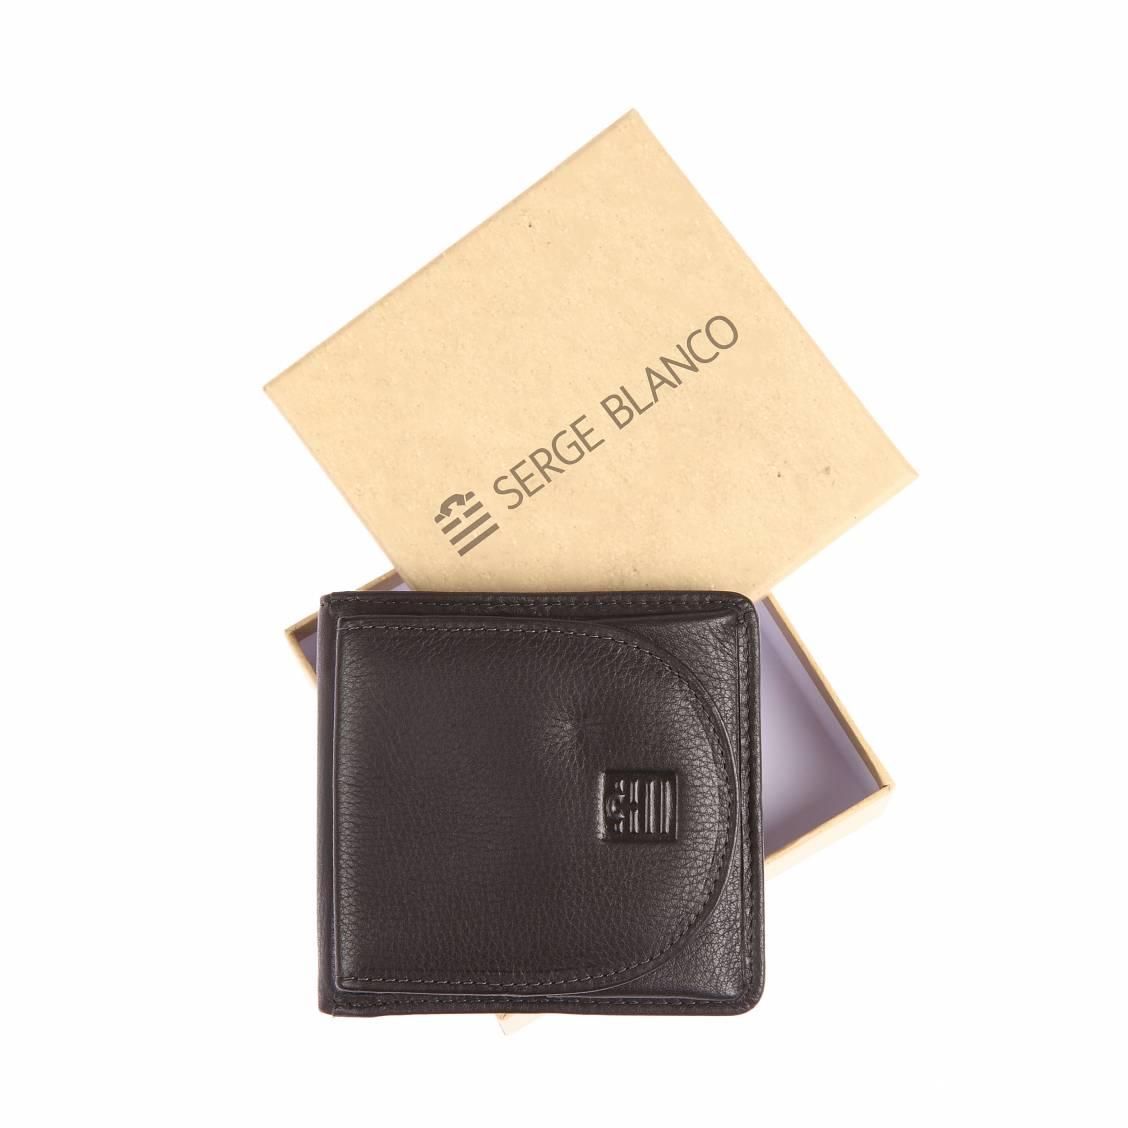 Portefeuille italien serge blanco 2 volets en cuir noir porte monnaie ext rieur rue des hommes for Porte exterieur noir